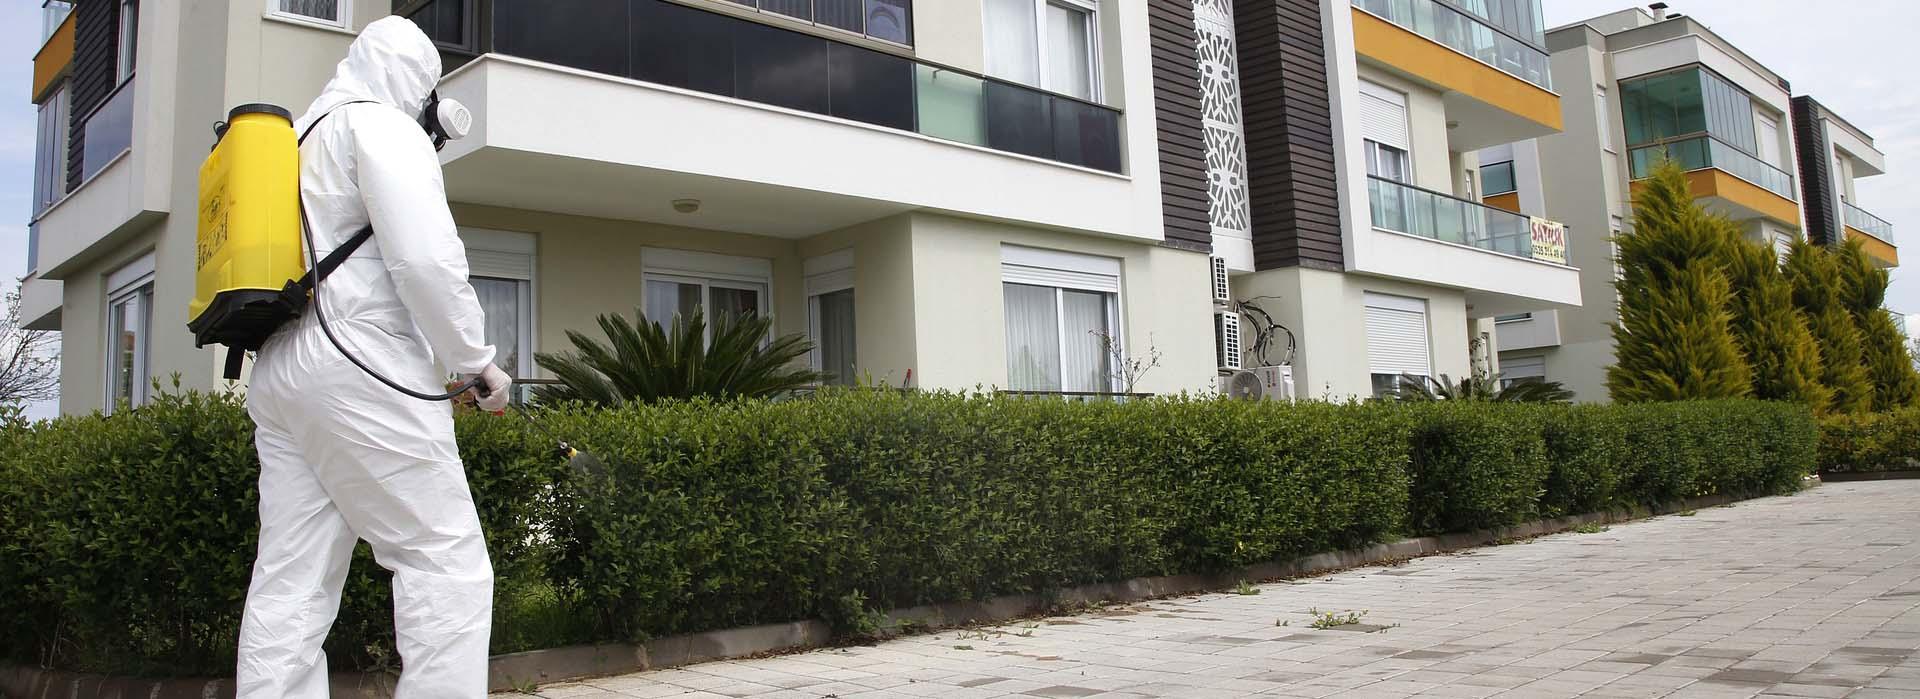 Deratyzacja i dezynfekcja obiektów komercyjnych, mieszkalnych i usługowych